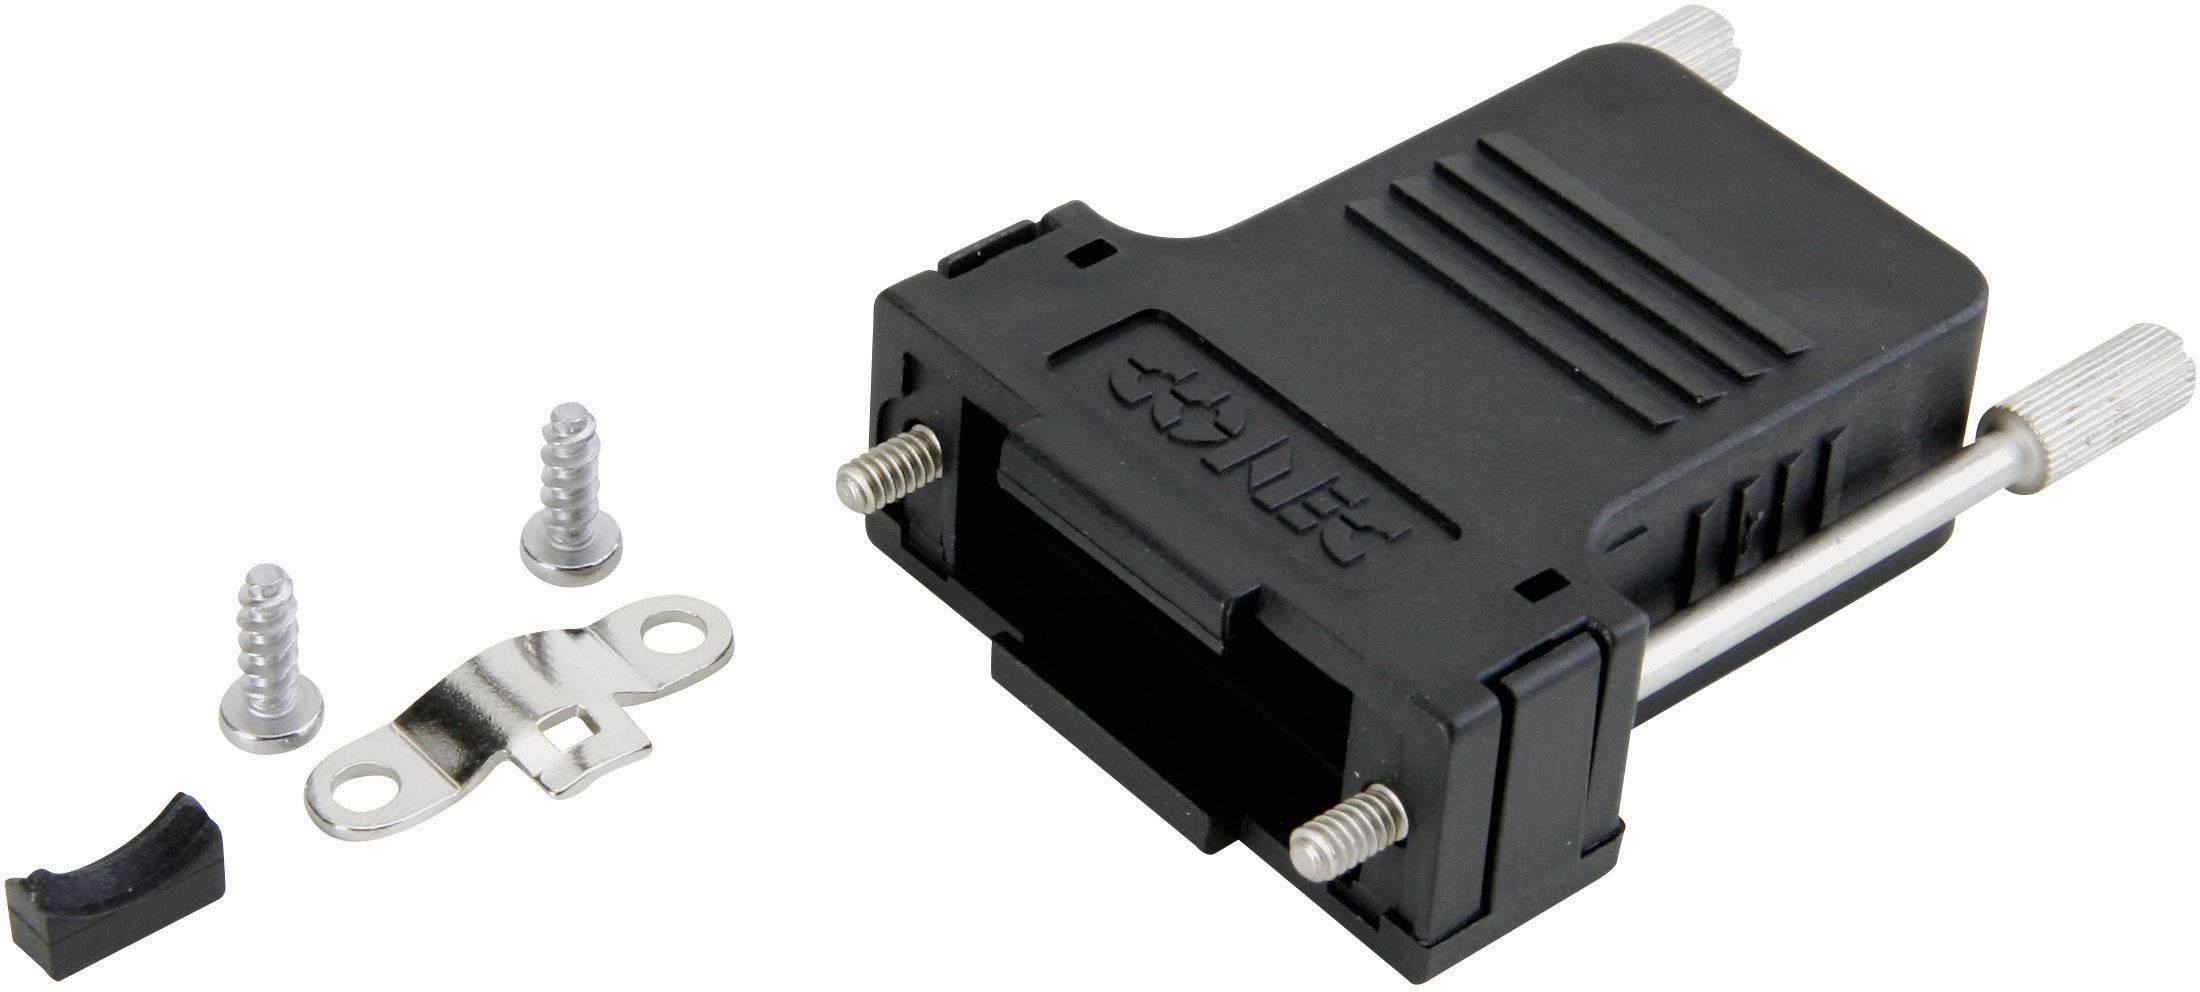 D-SUB pouzdro Conec 165X13369XE, 9 pólů, úhel připojení 180°, plast, černá, 1 ks